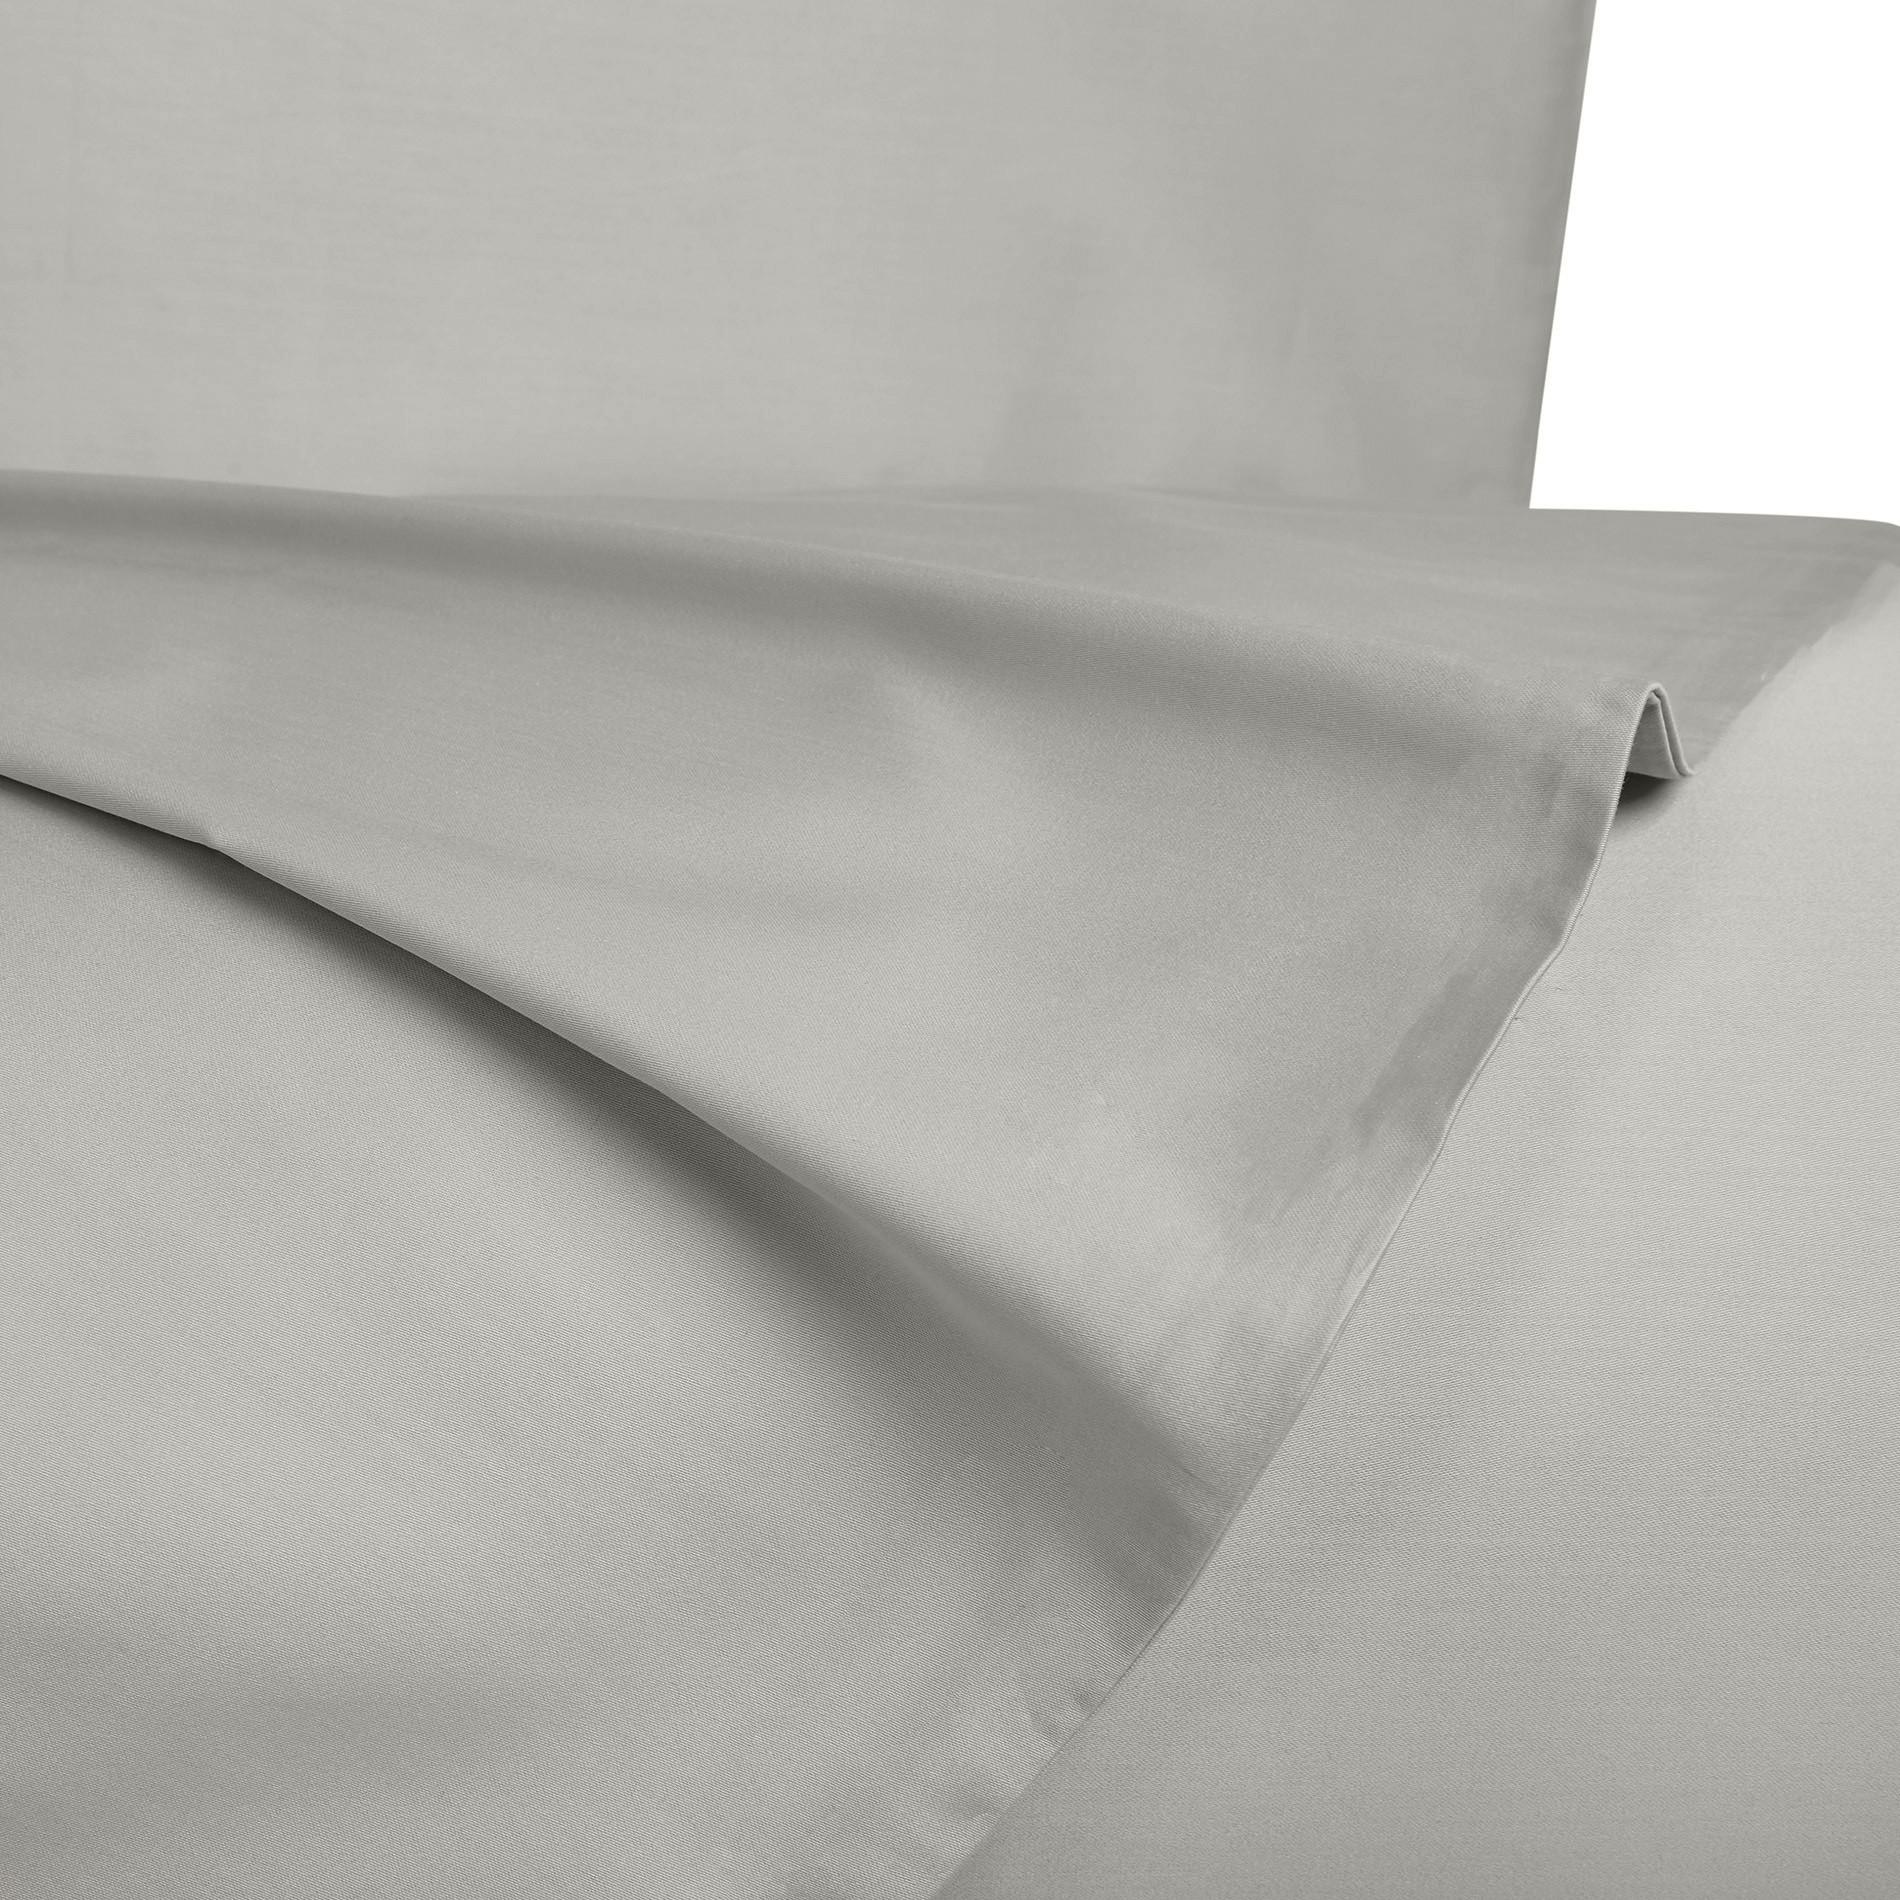 Parure letto raso di puro cotone Zefiro, Grigio, large image number 1